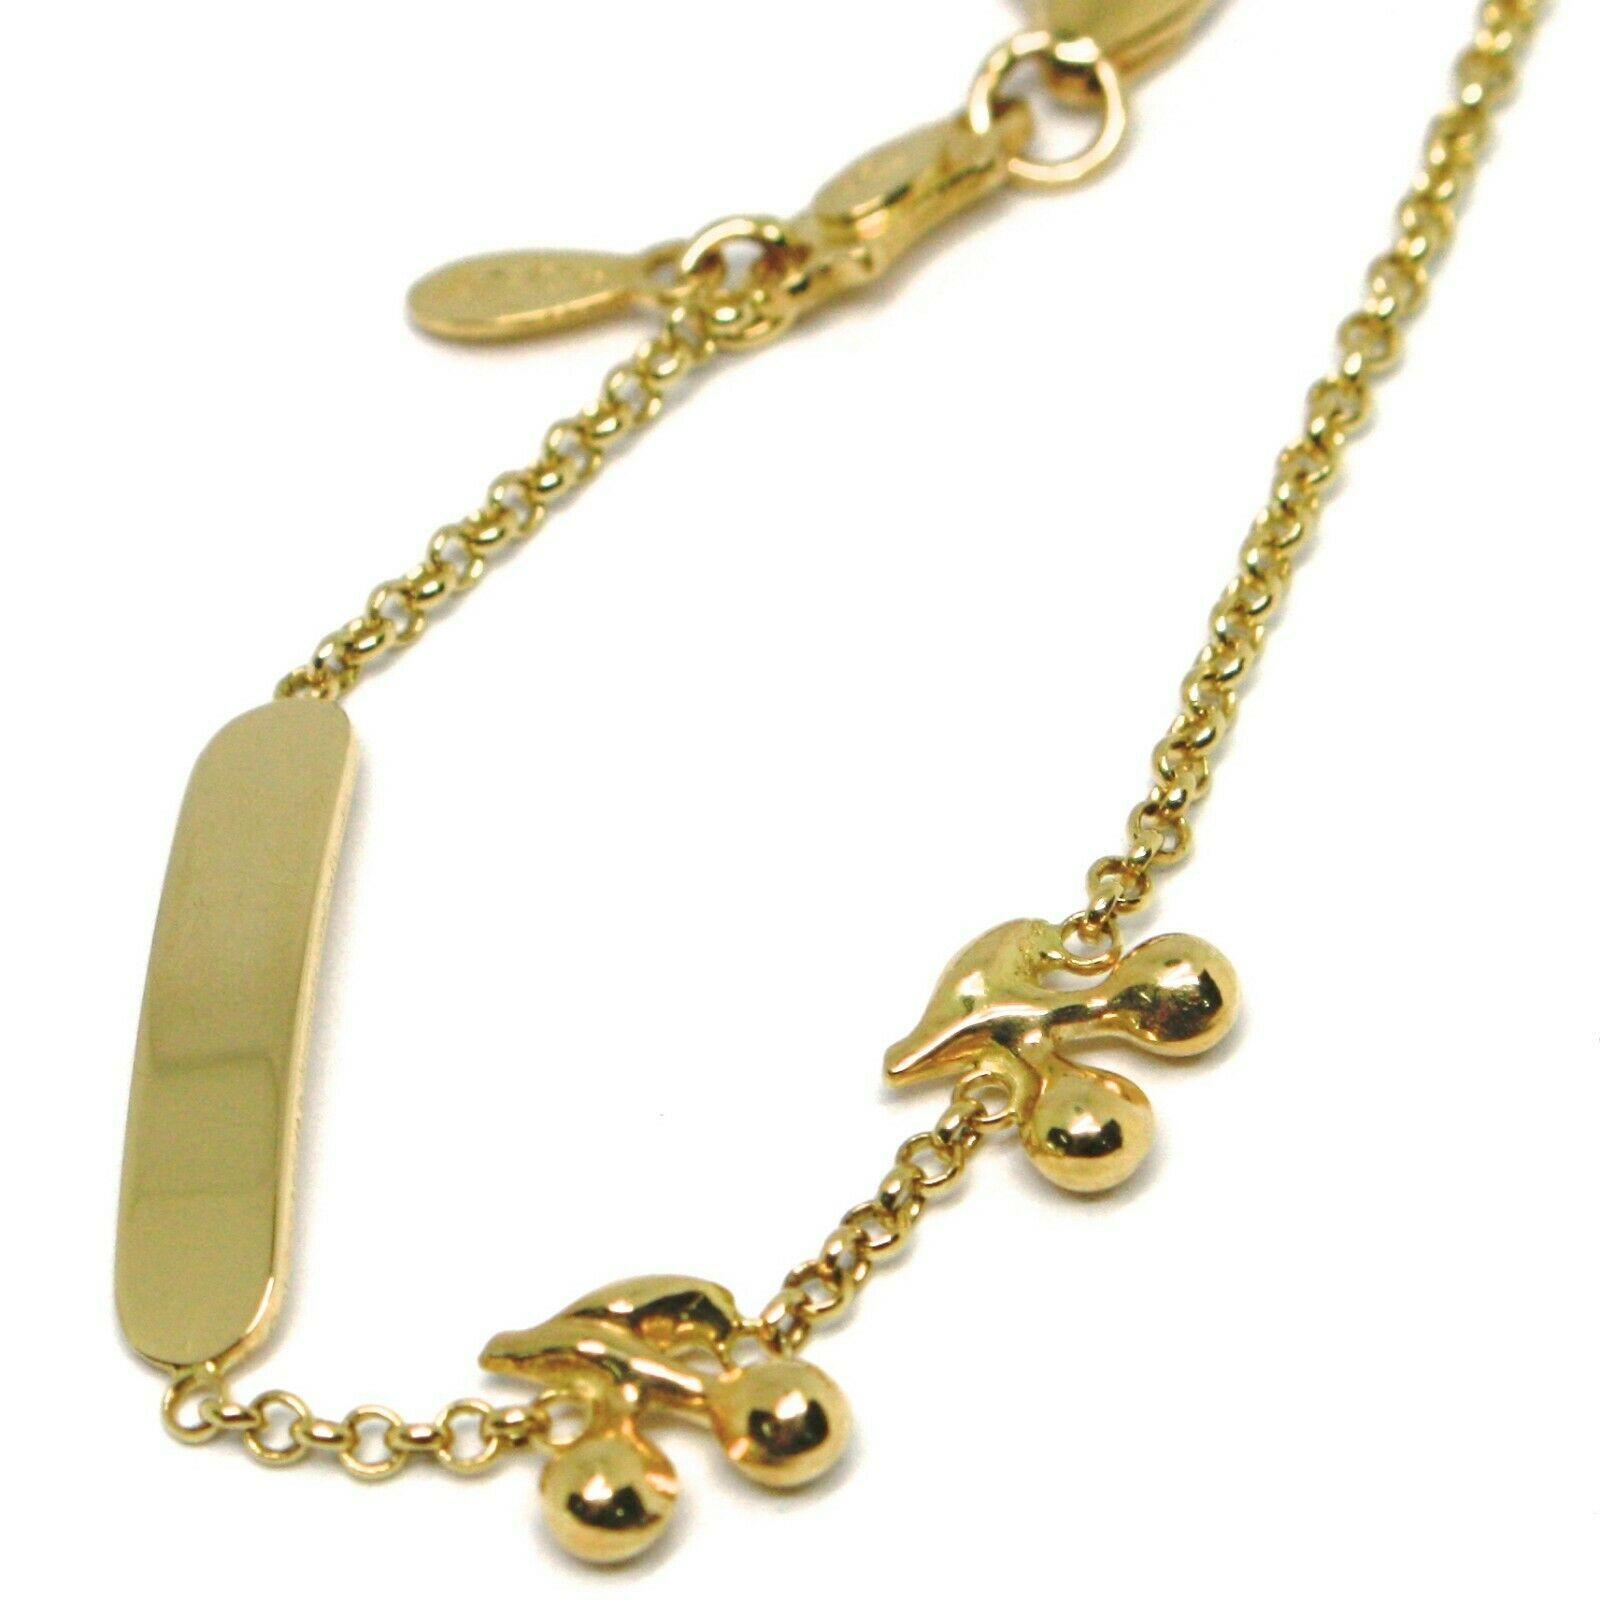 Bracelet Yellow Gold 18K 750, Girls, Plate, Cherries, Length 14 CM